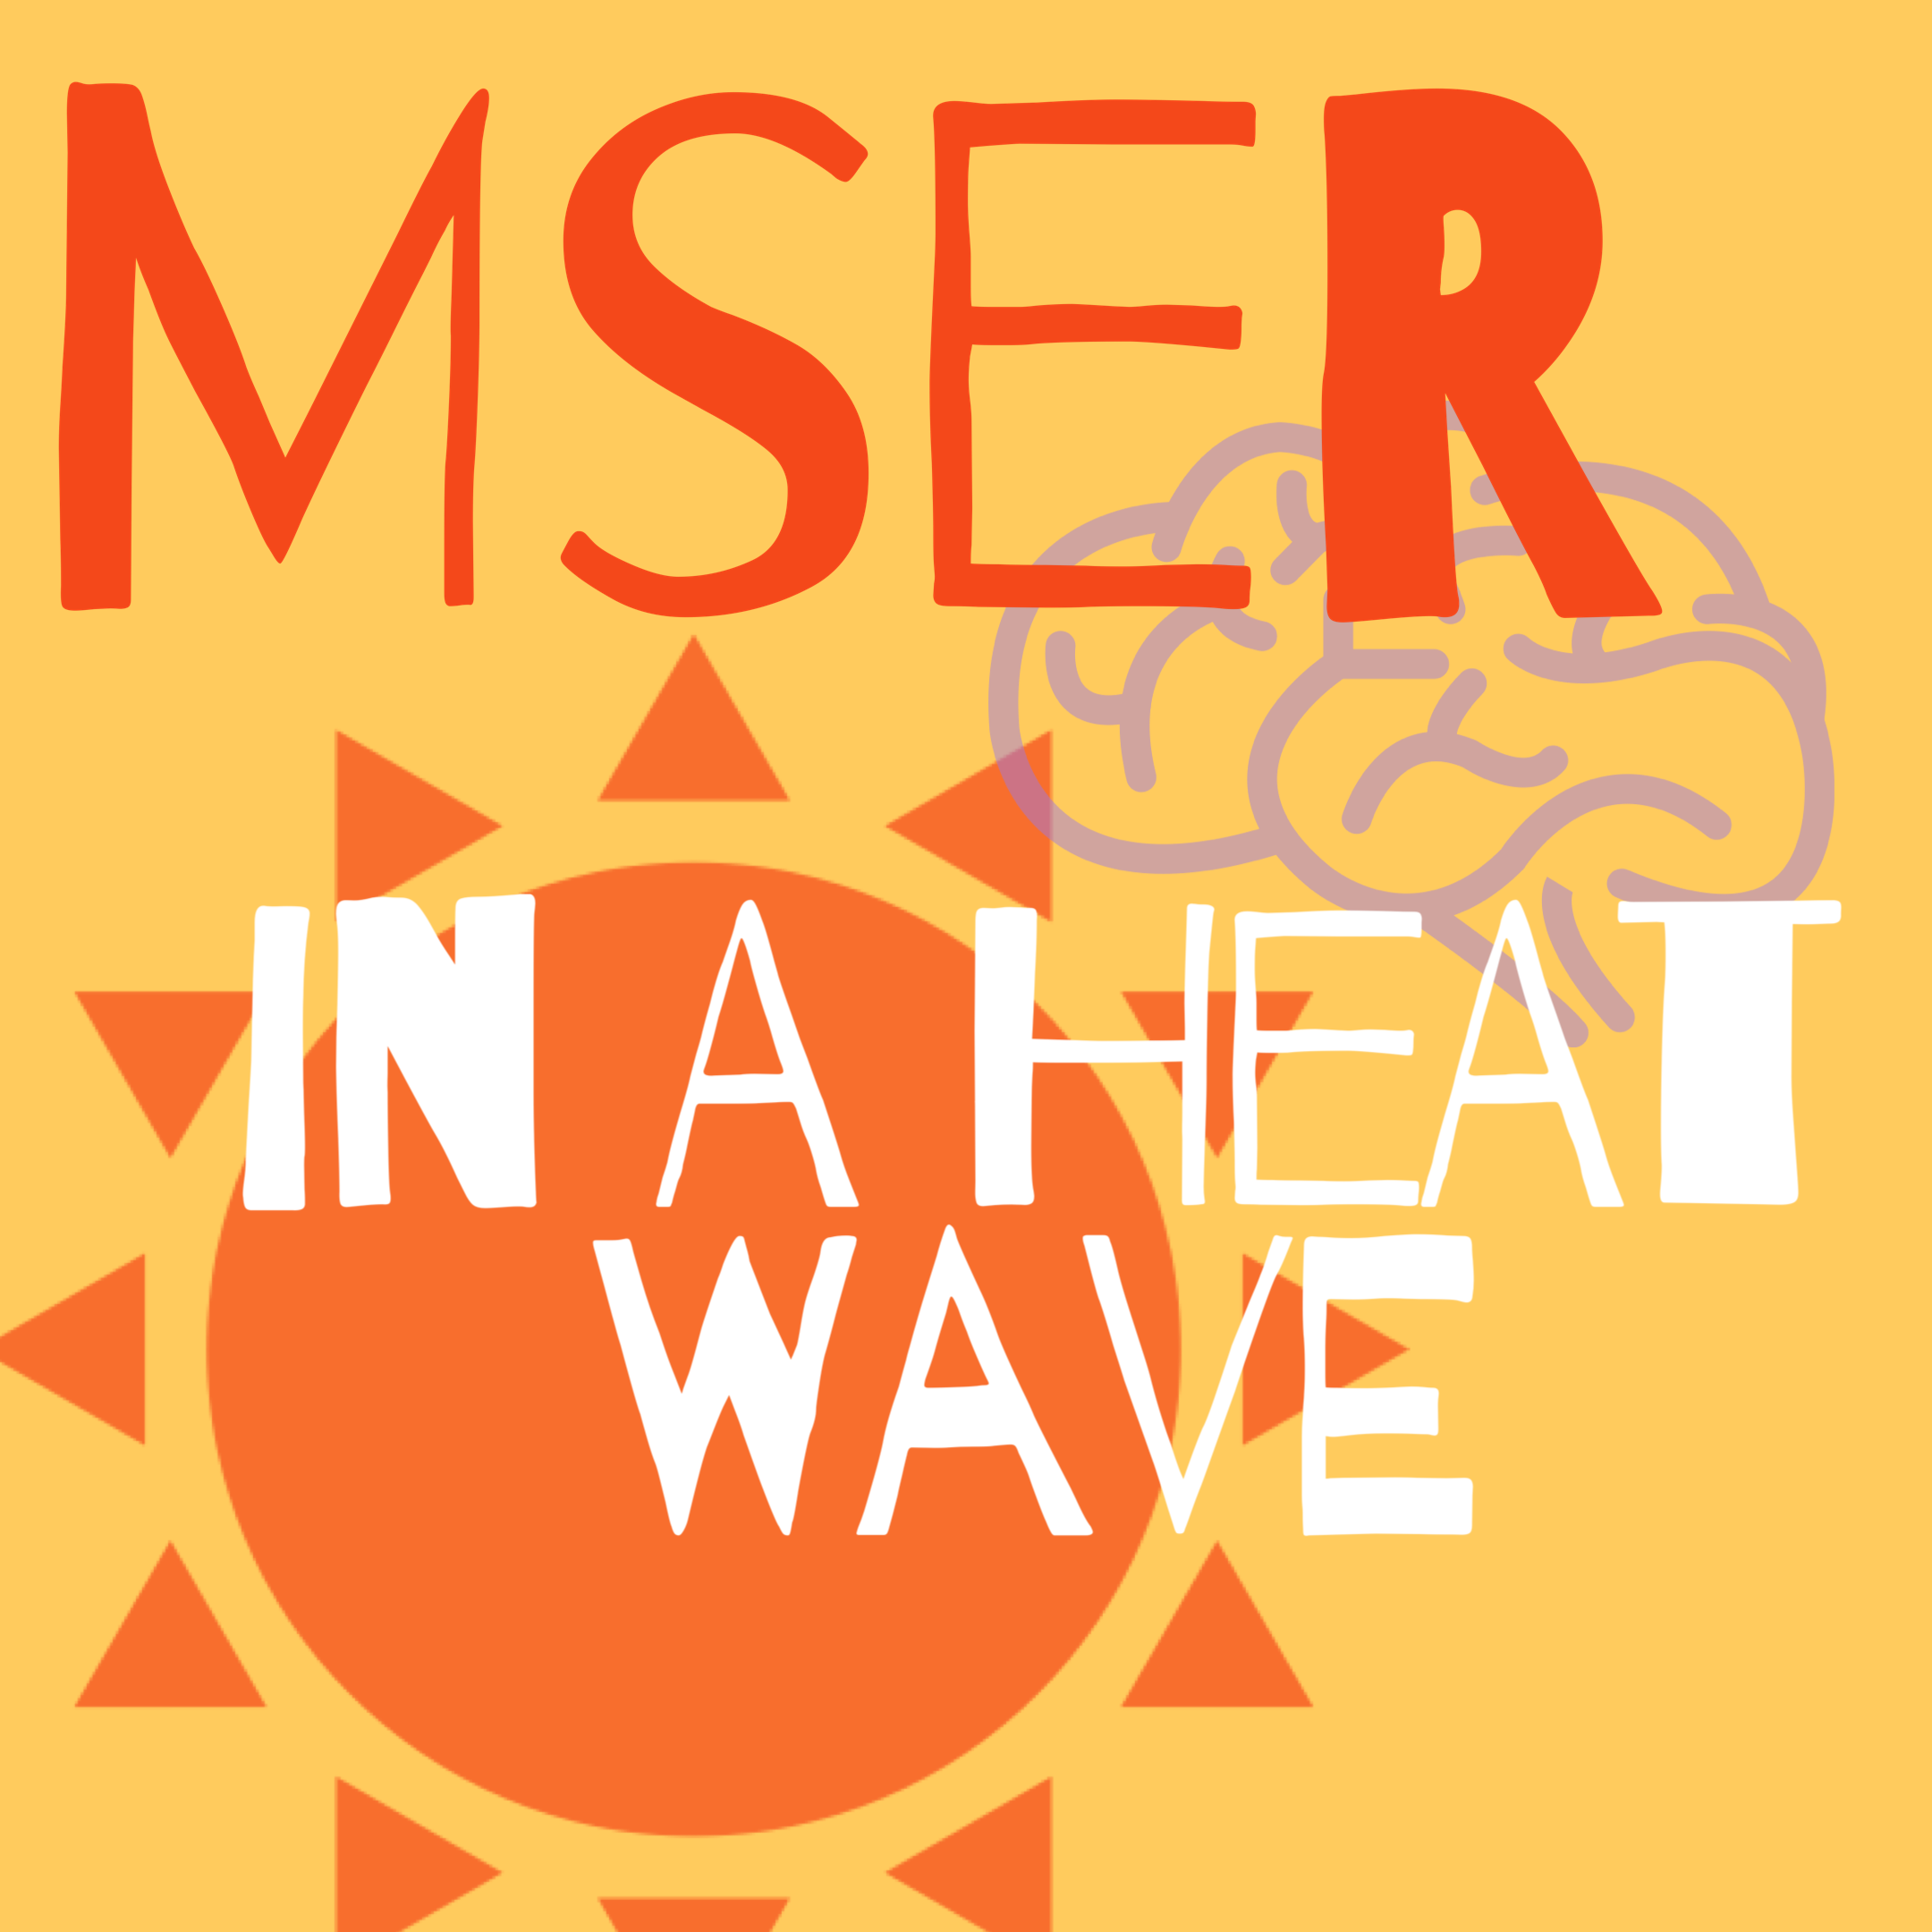 mser in a heat wave written on orange sun